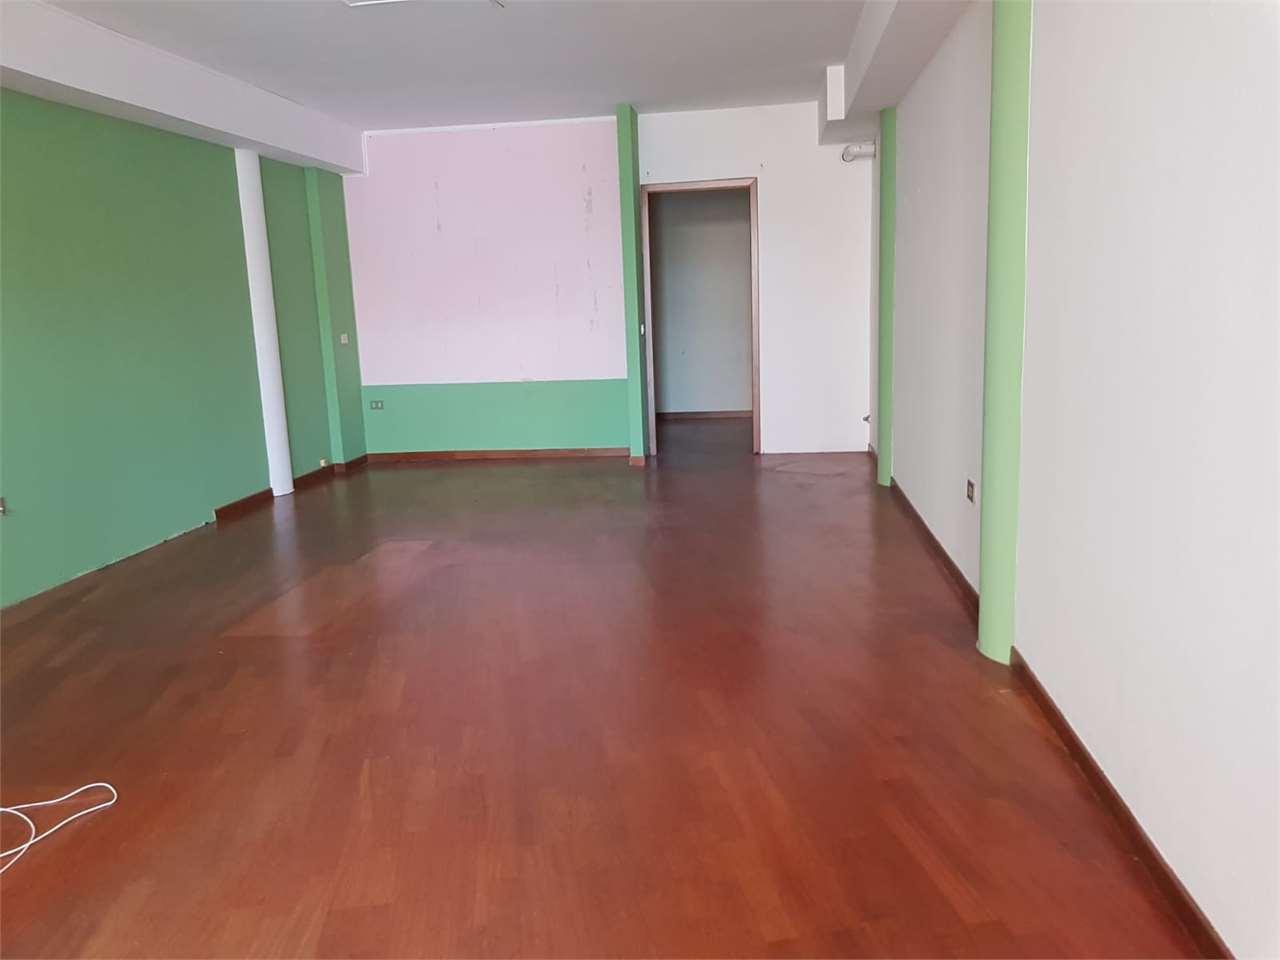 Negozio / Locale in affitto a Thiene, 2 locali, prezzo € 650 | CambioCasa.it